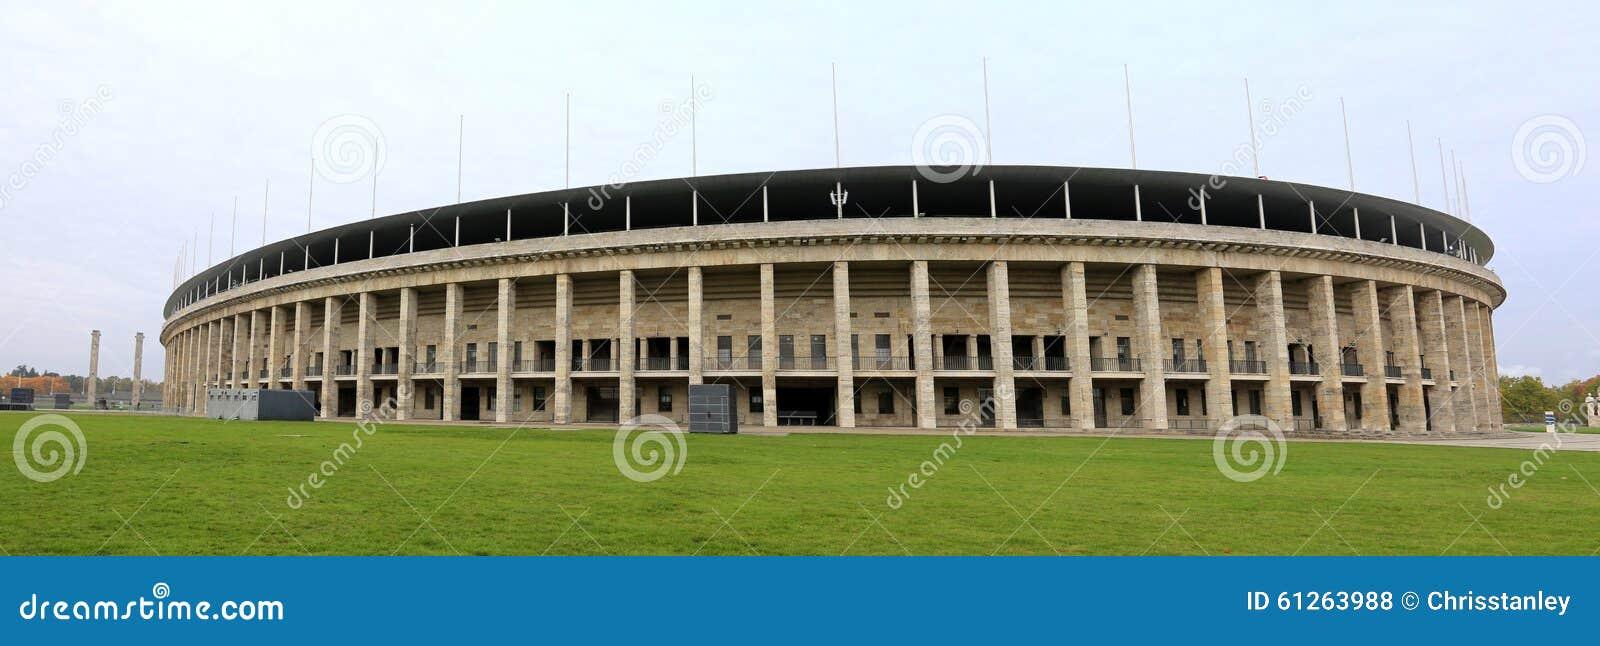 Stadion olimpijski berlin